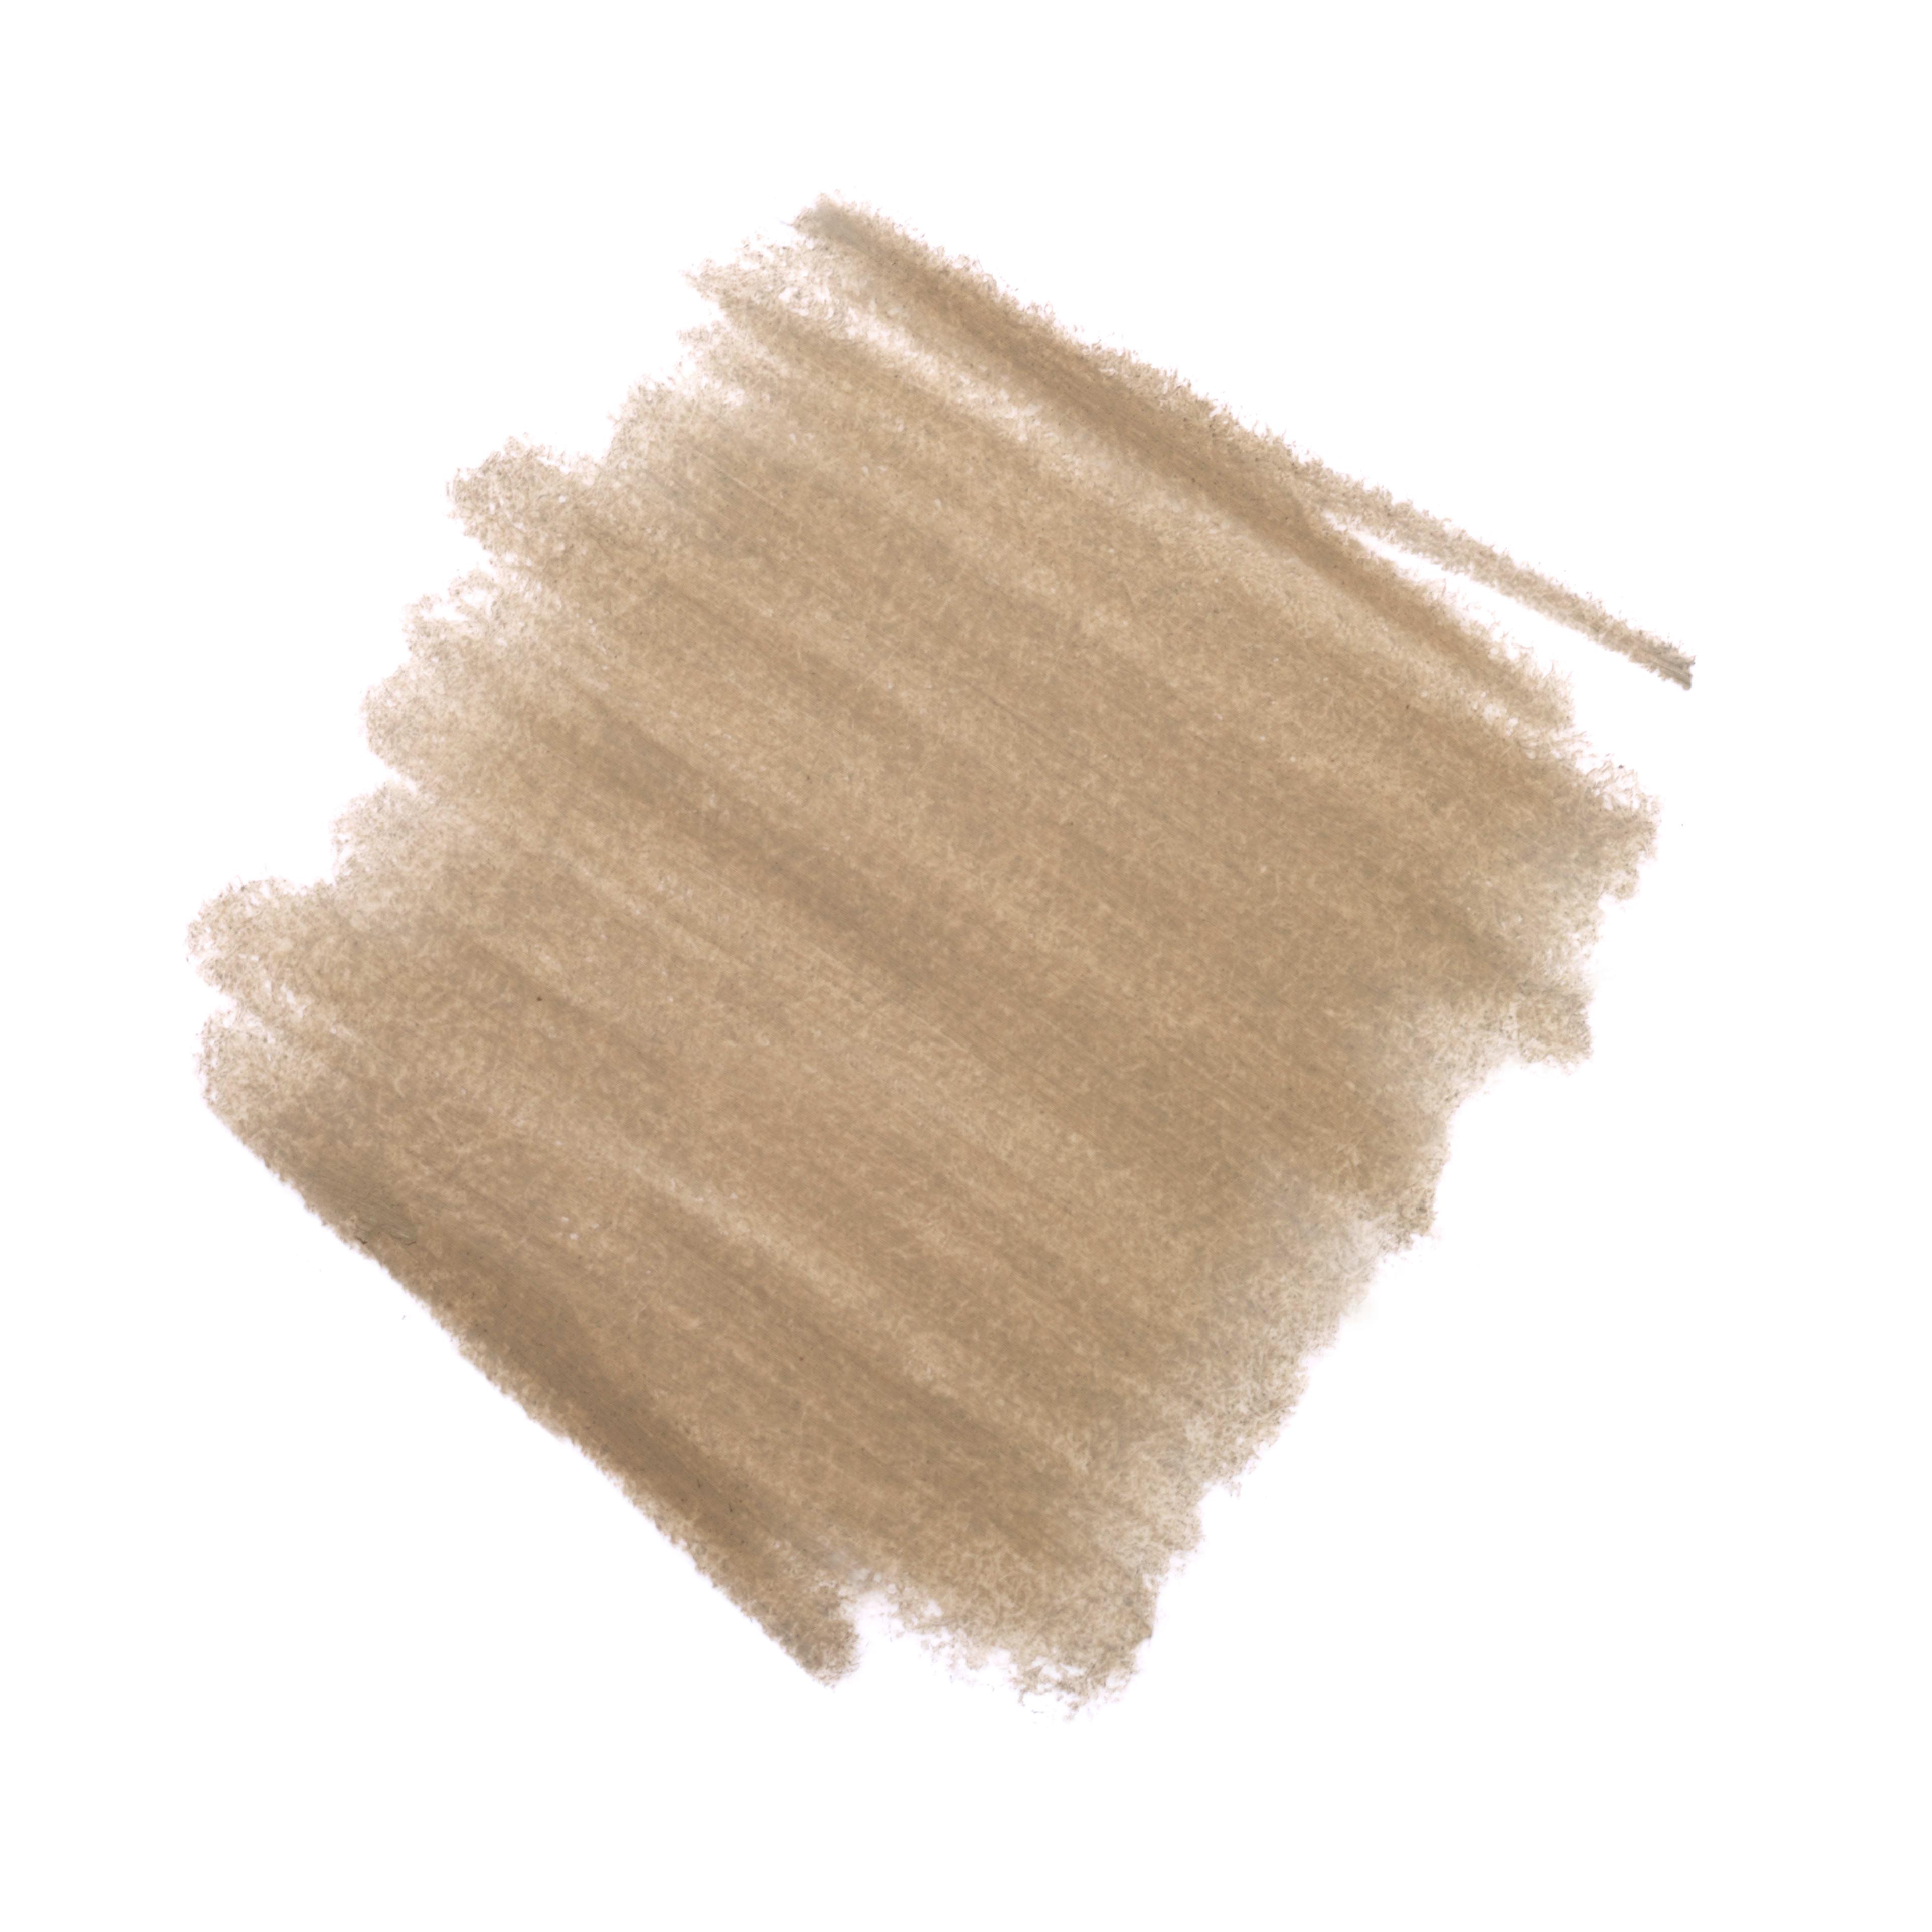 CRAYON SOURCILS - makeup - 1g - Basic texture view